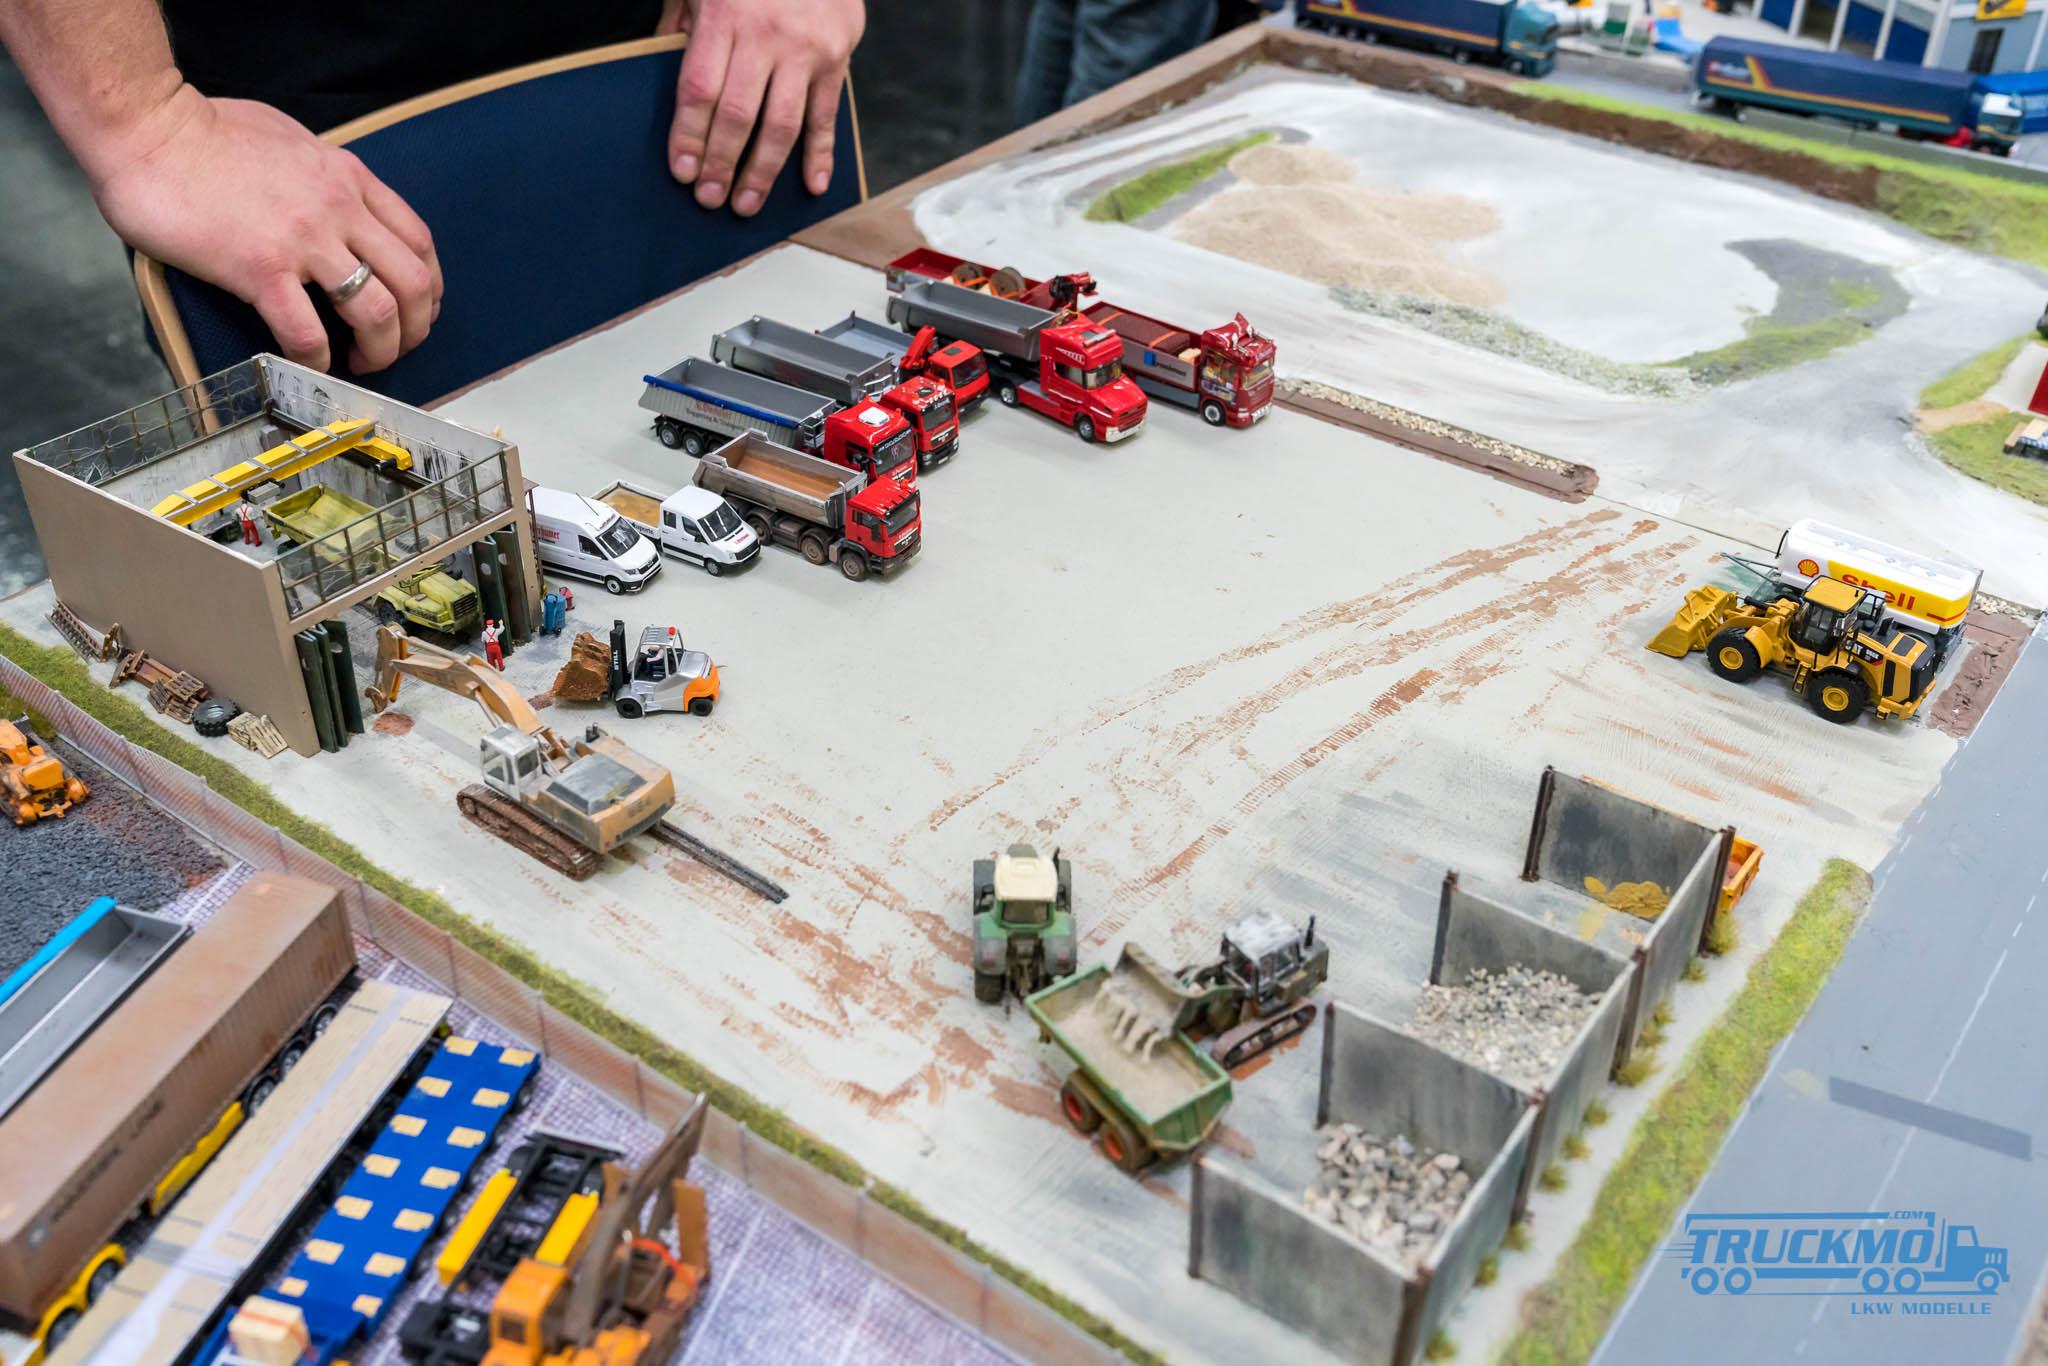 Truckmo_Modellbau_Ried_2017_Herpa_Messe_Modellbauausstellung (200 von 1177)